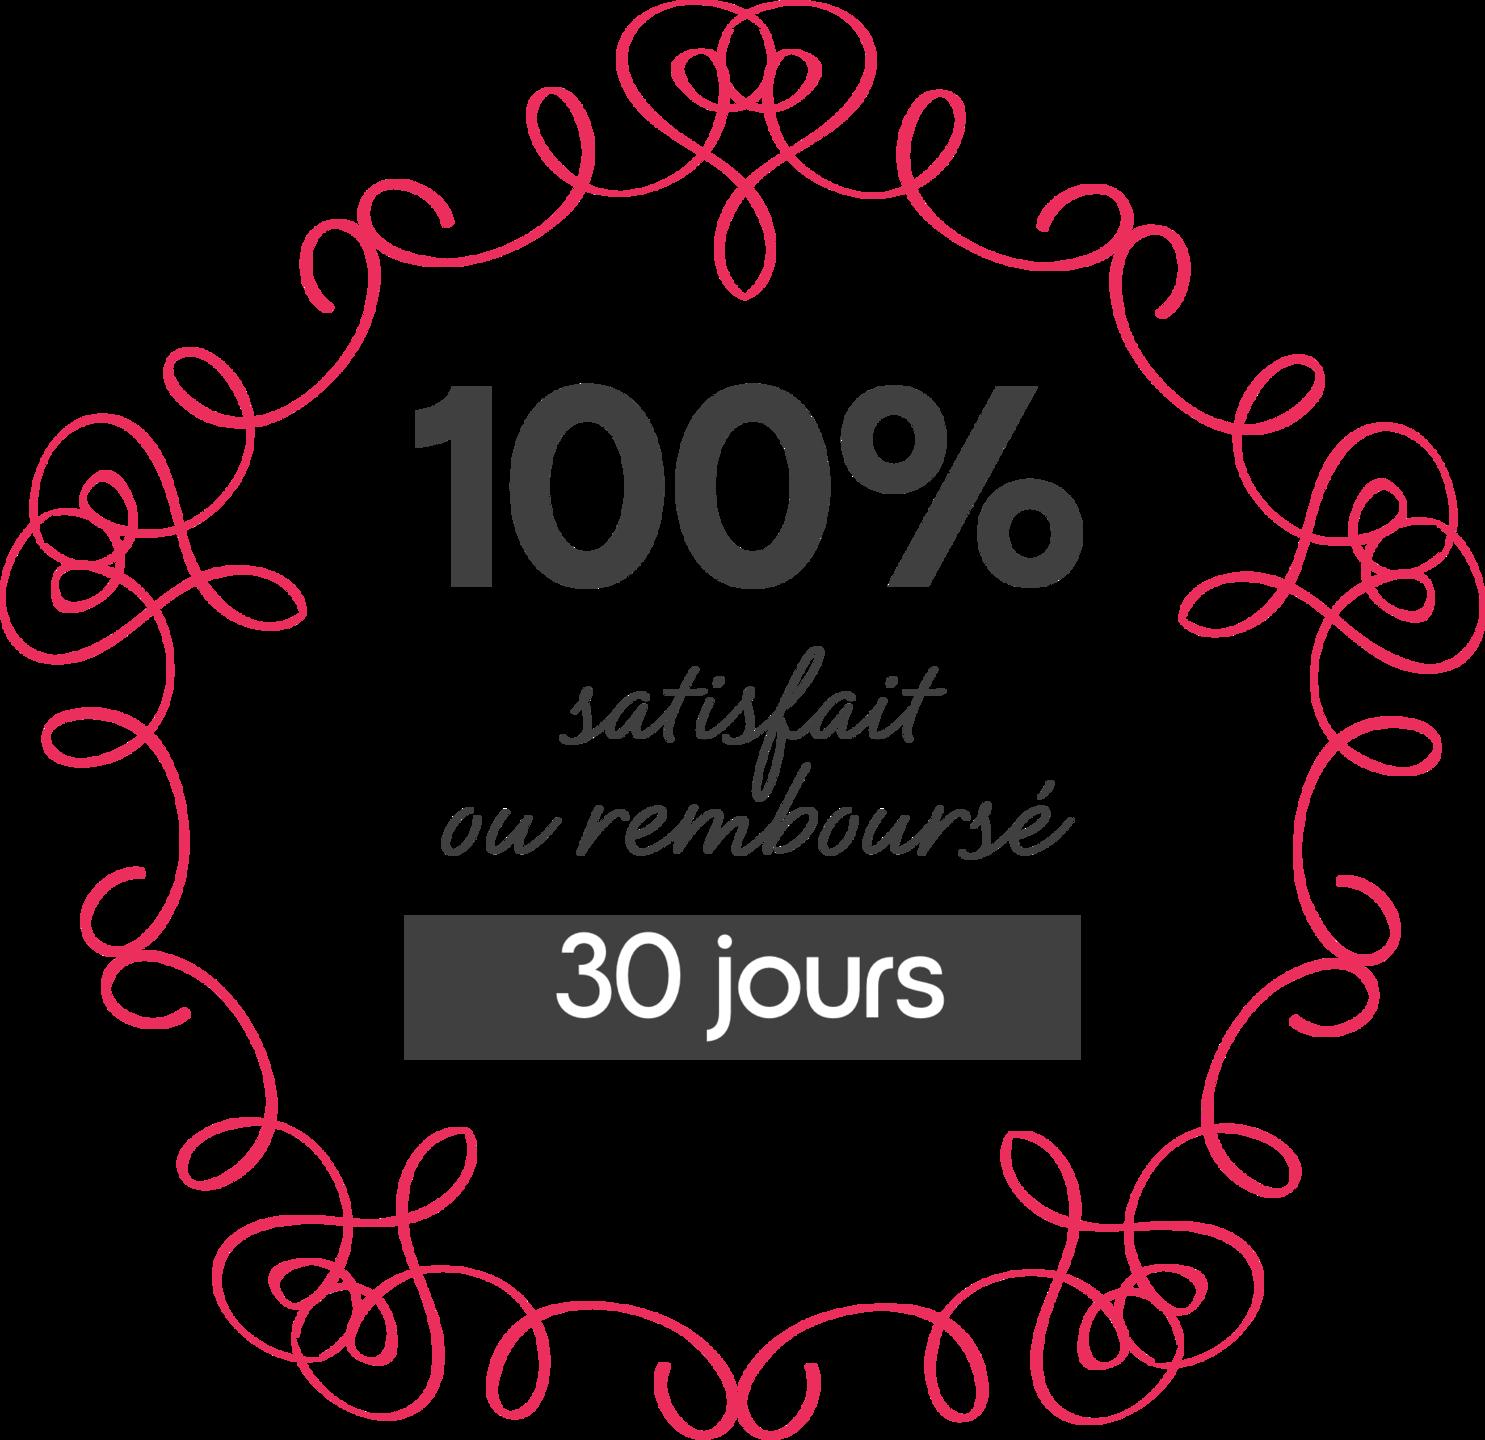 100% satisfait ou remboursé 30 jours